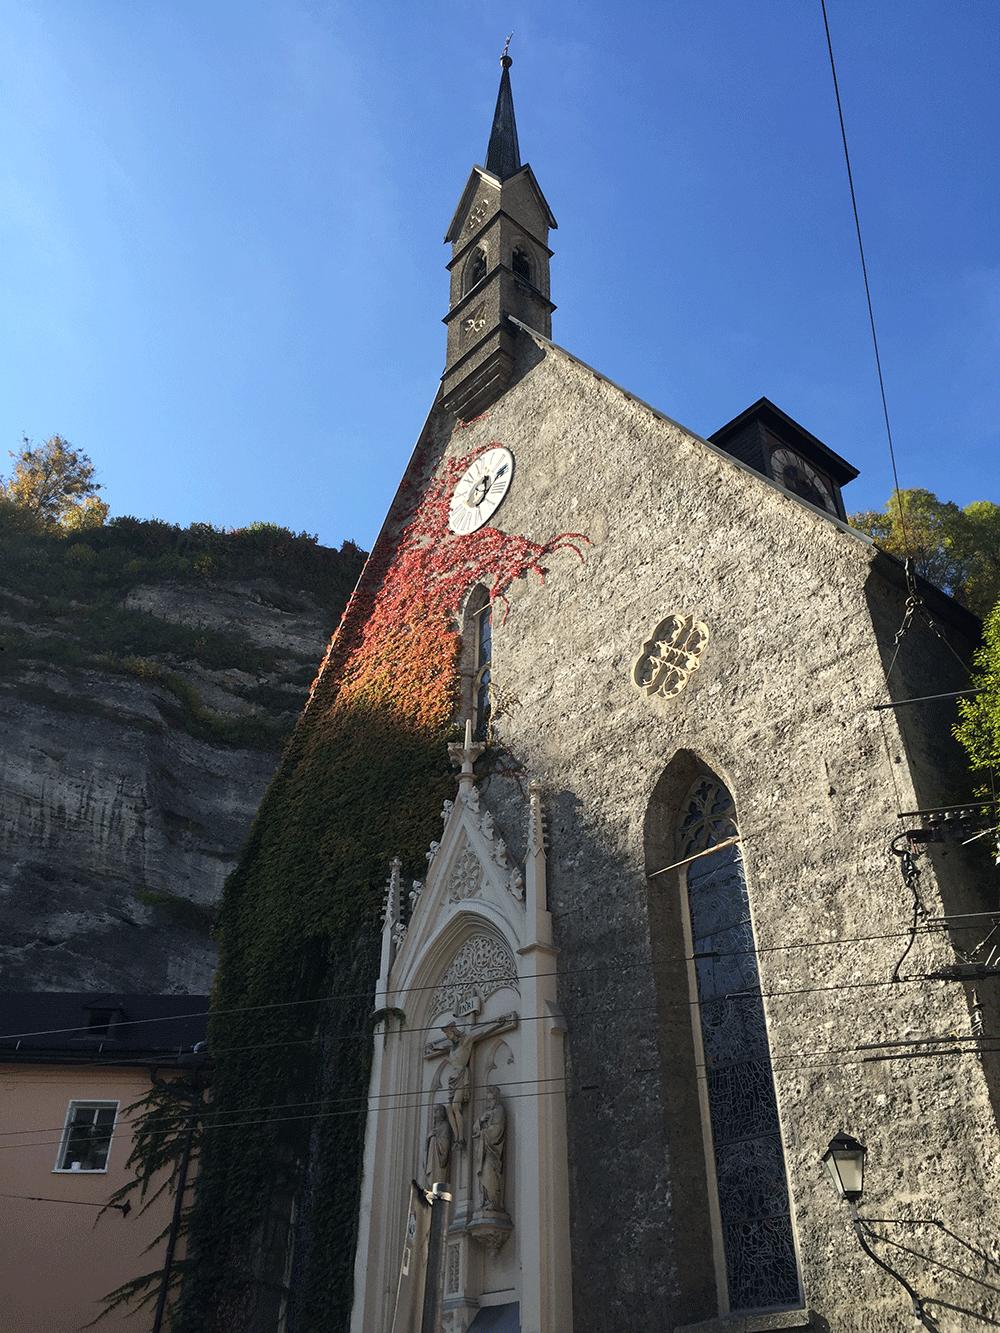 St. Blasius Kilisesi